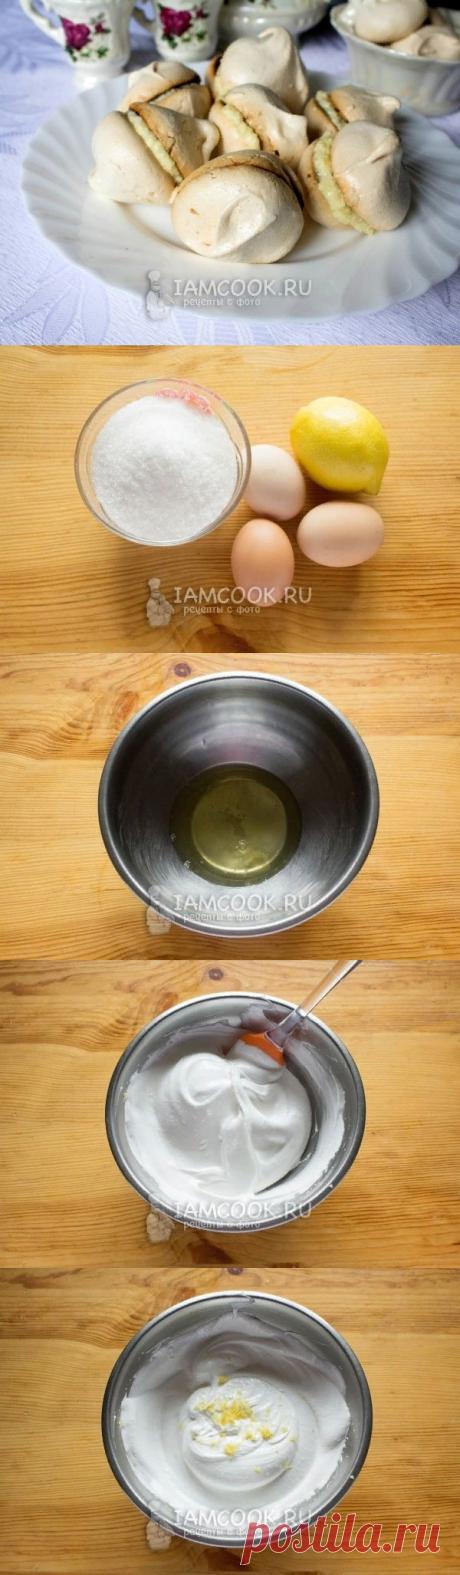 Лимонная меренга, рецепт с фото